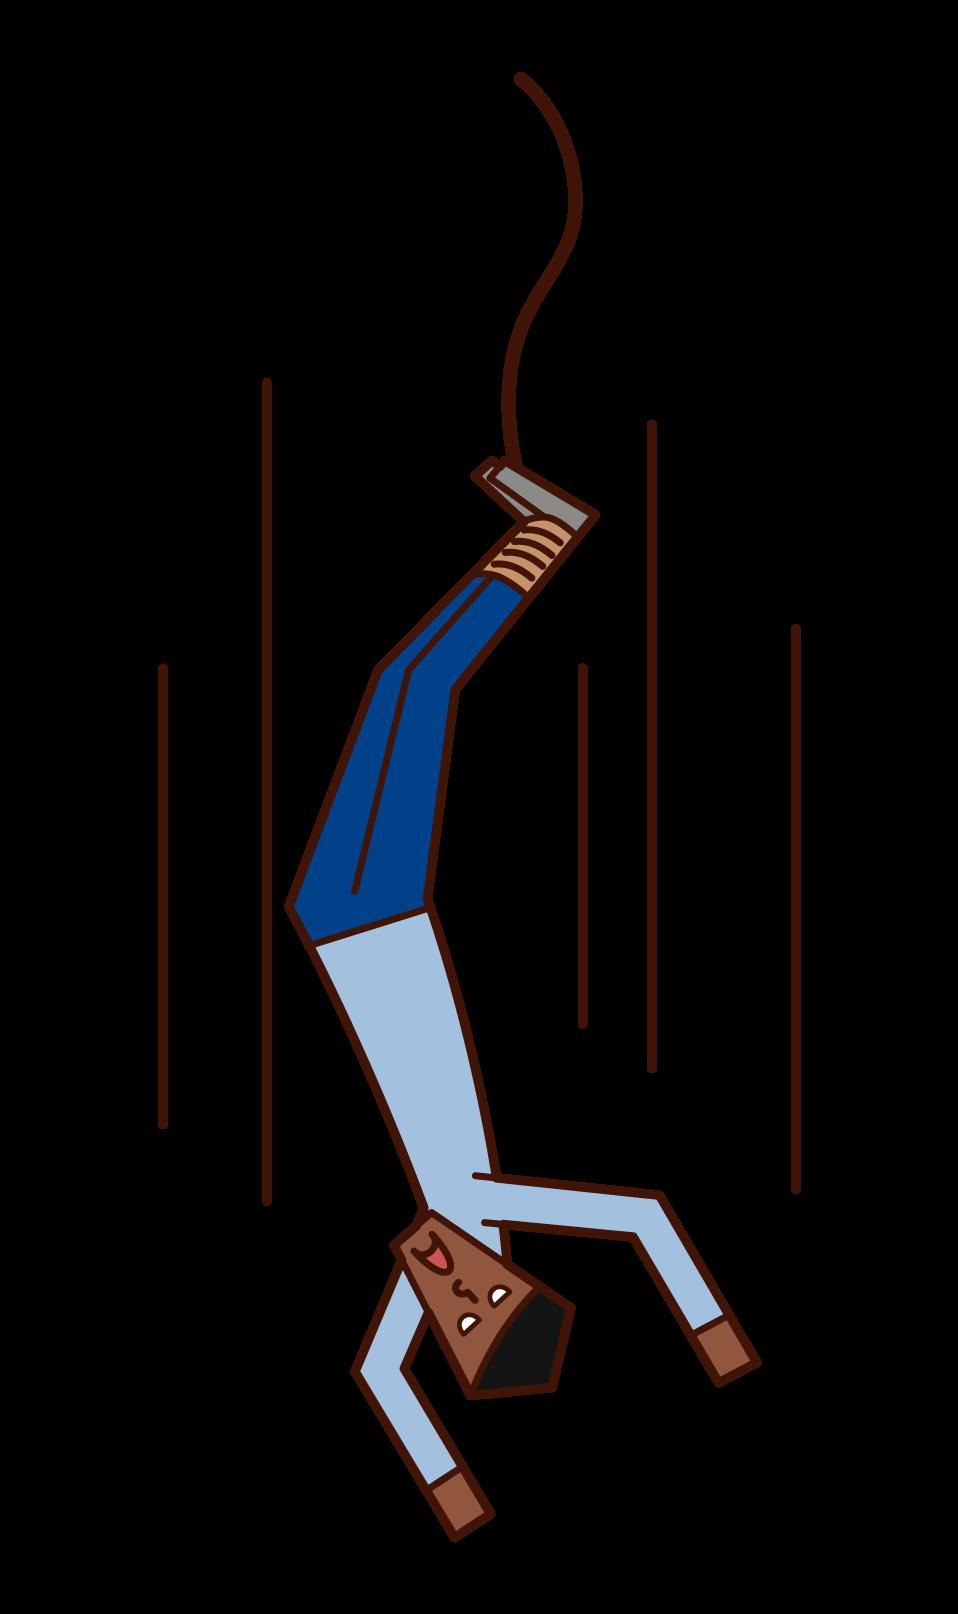 蹦極(男性)的插圖